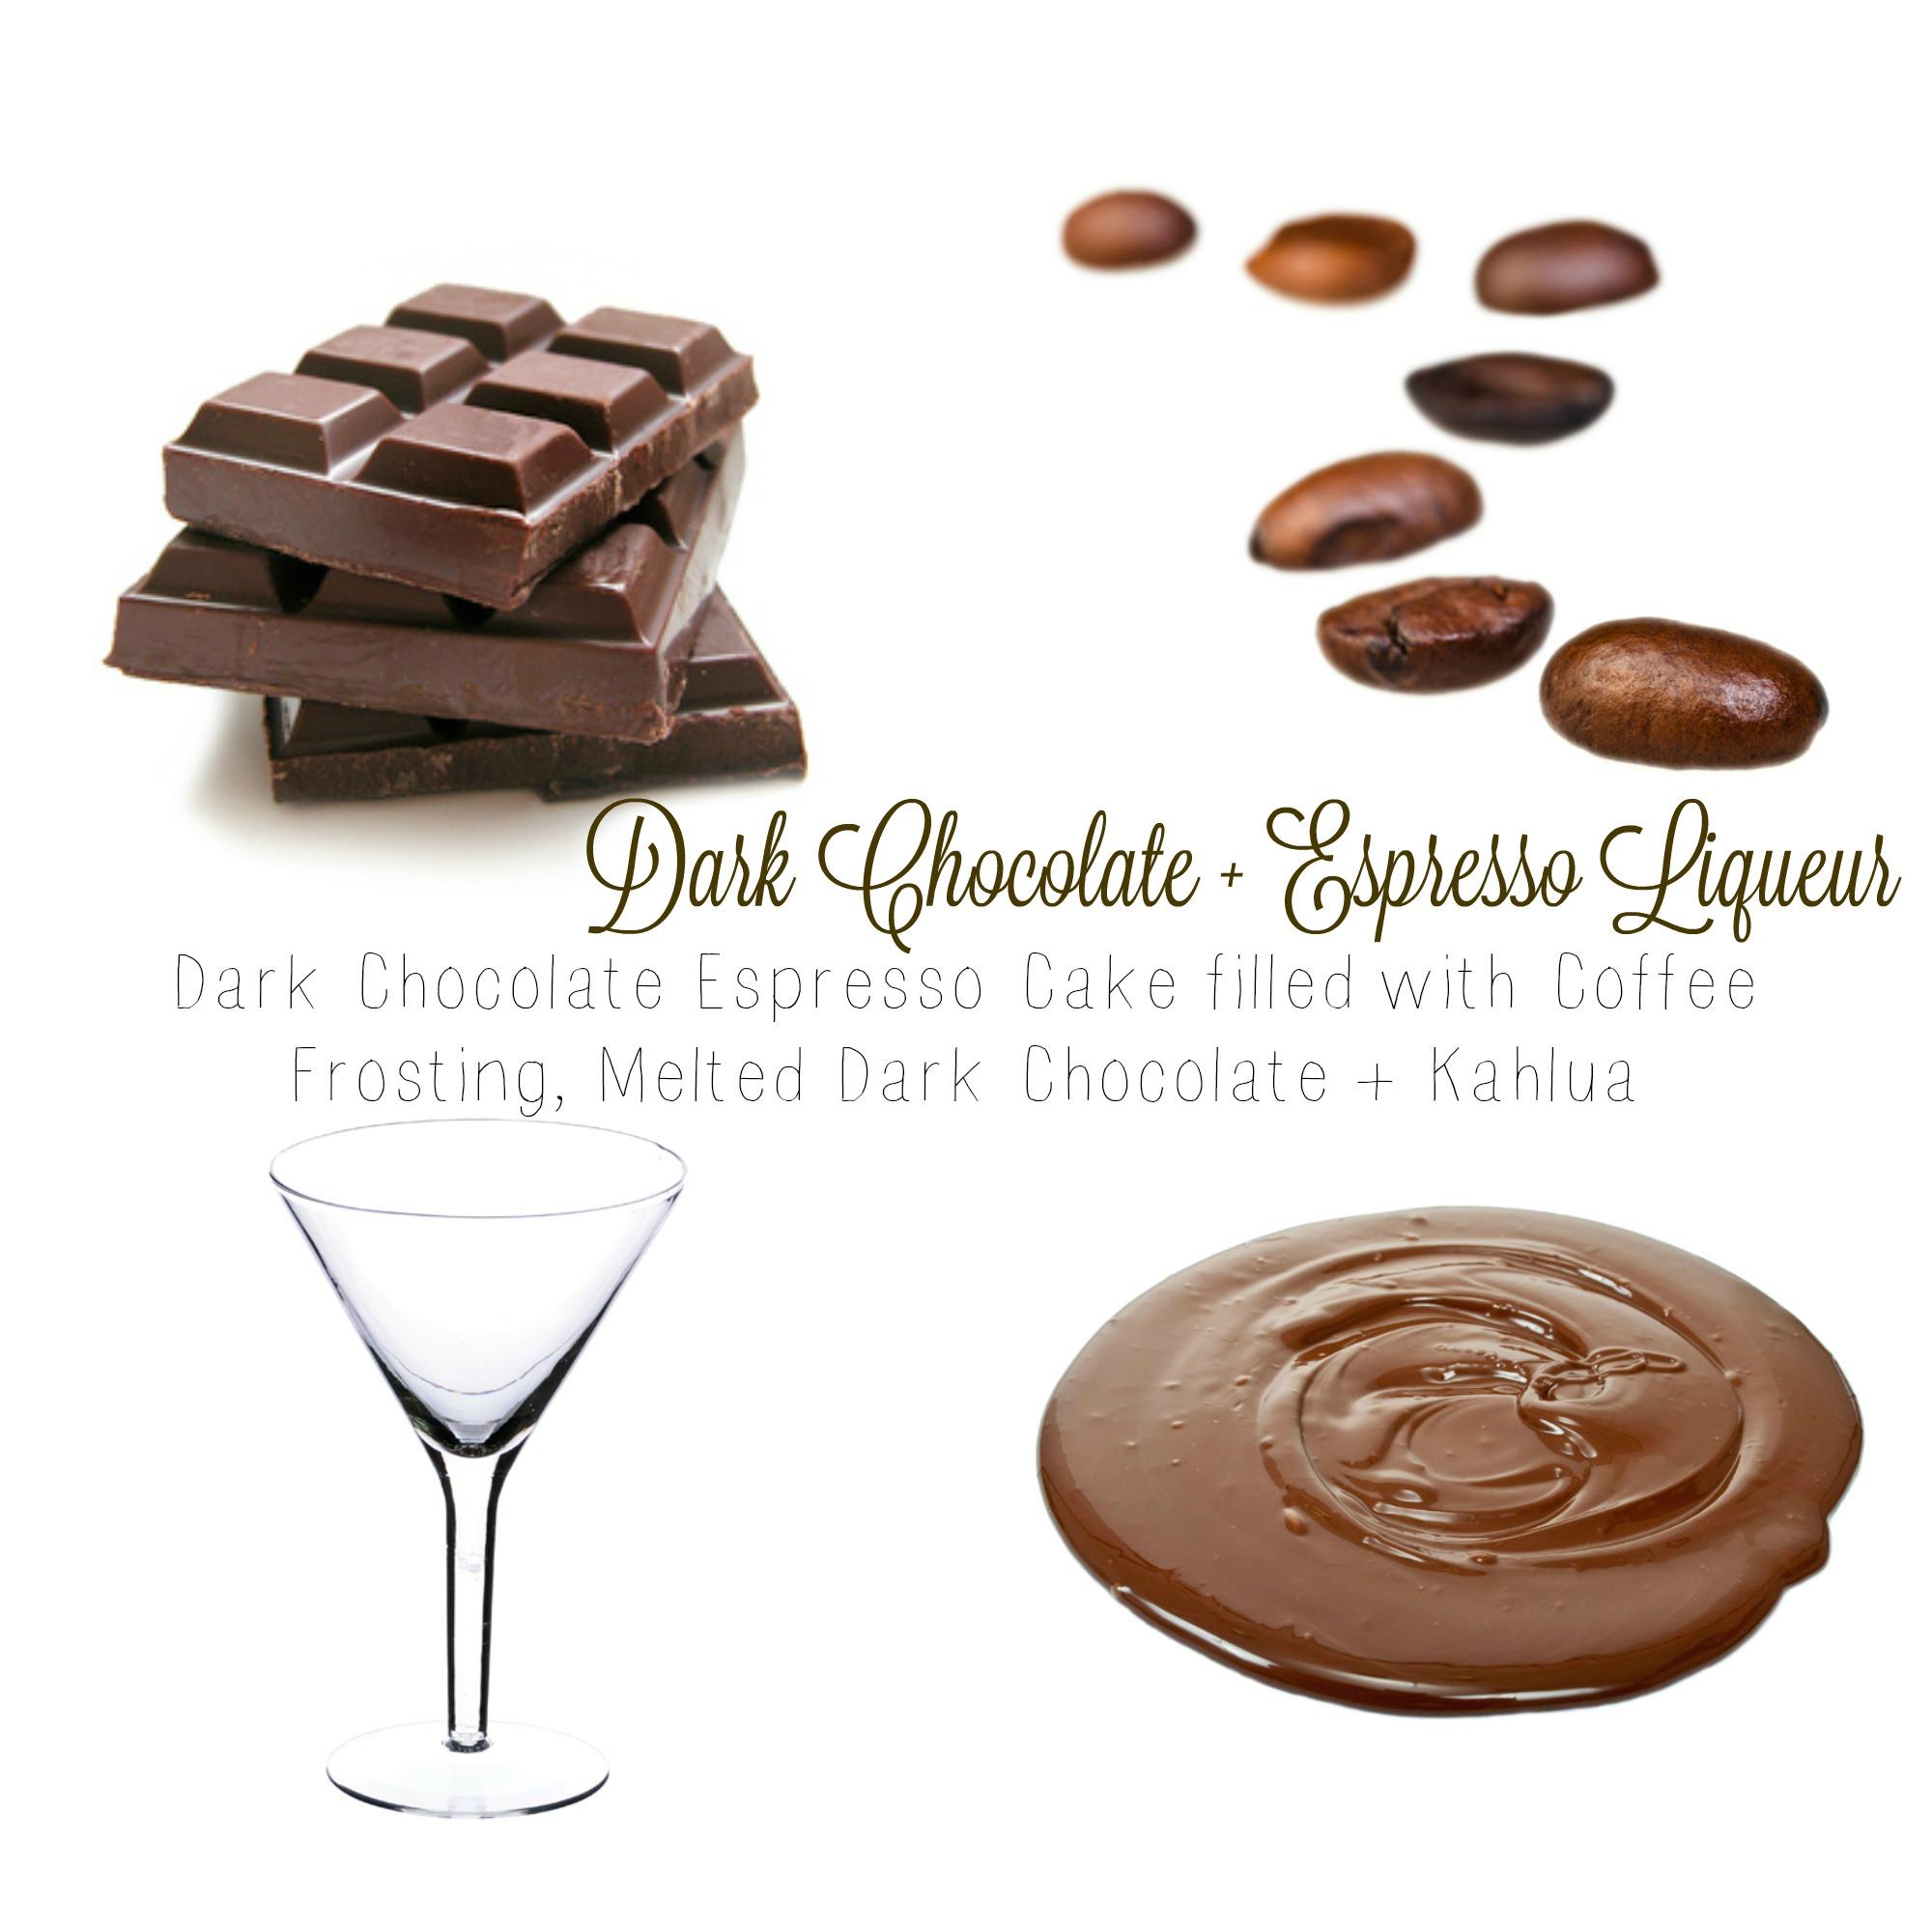 Dark Chocolate + Espresso Liquer Cake.jpg